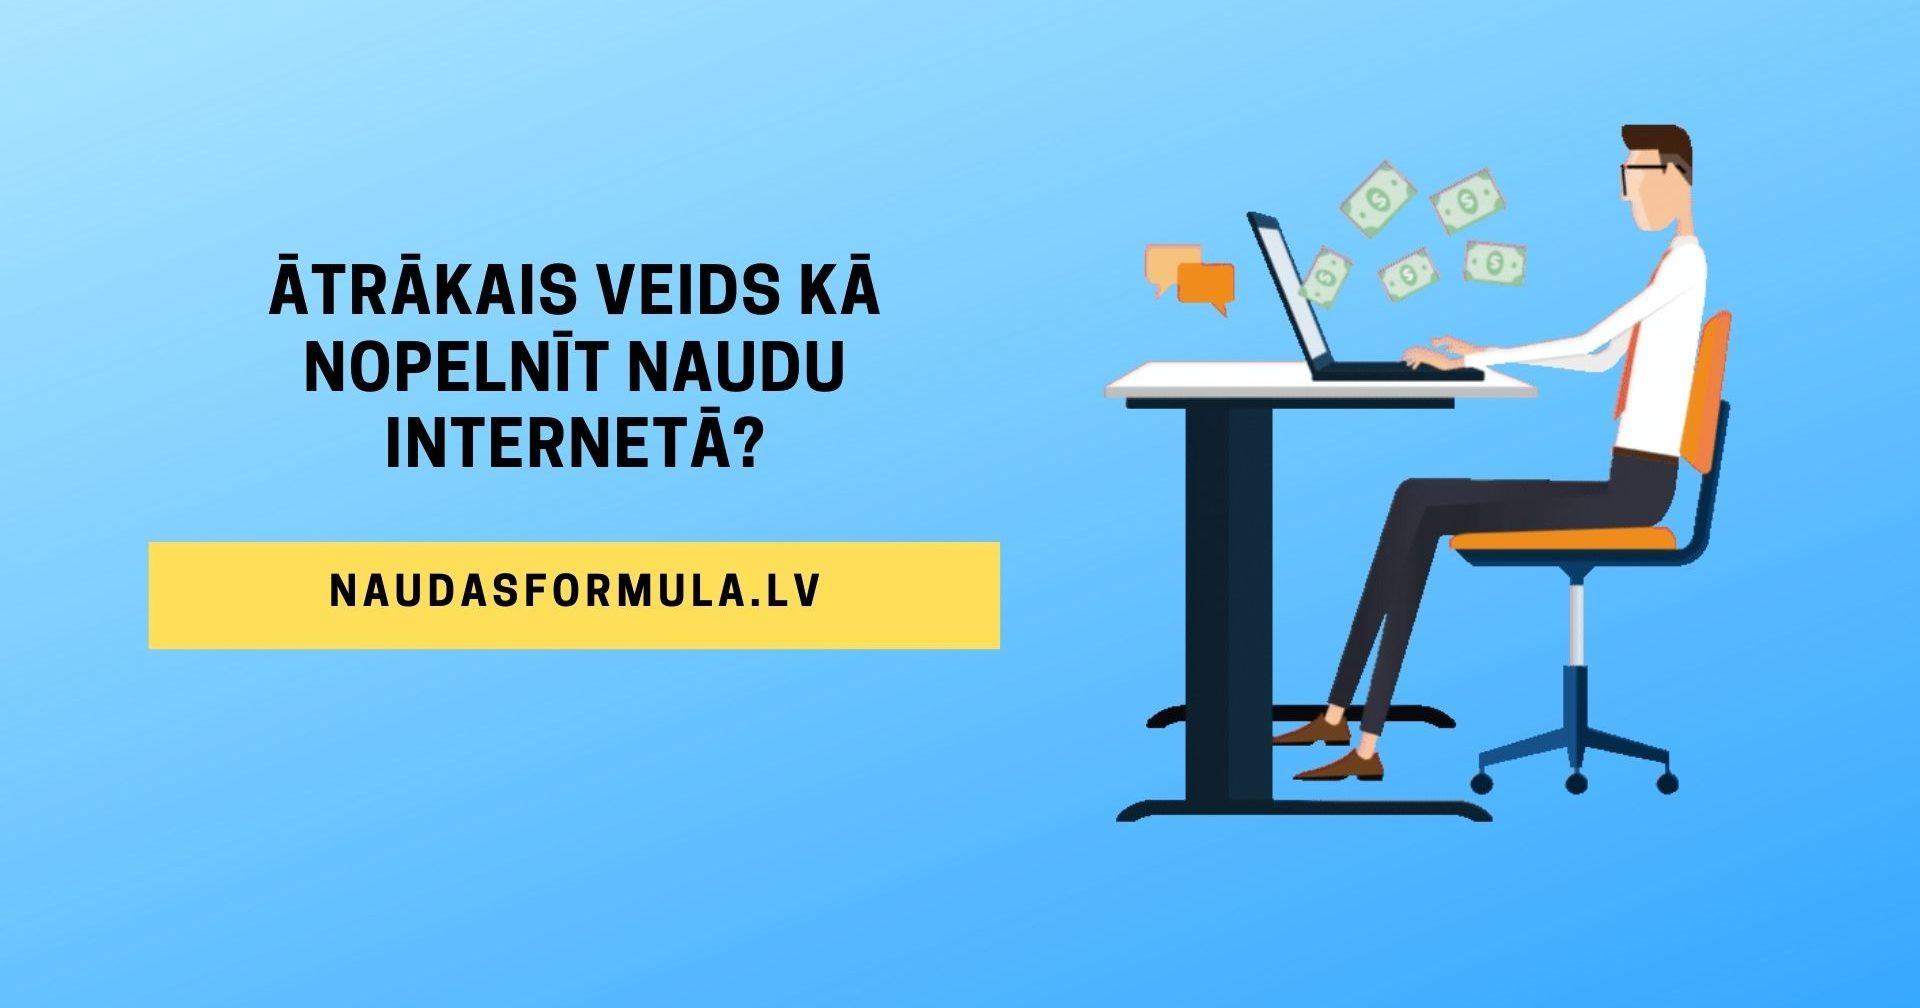 vienkāršākais un vienkāršākais veids, kā nopelnīt naudu internetā)